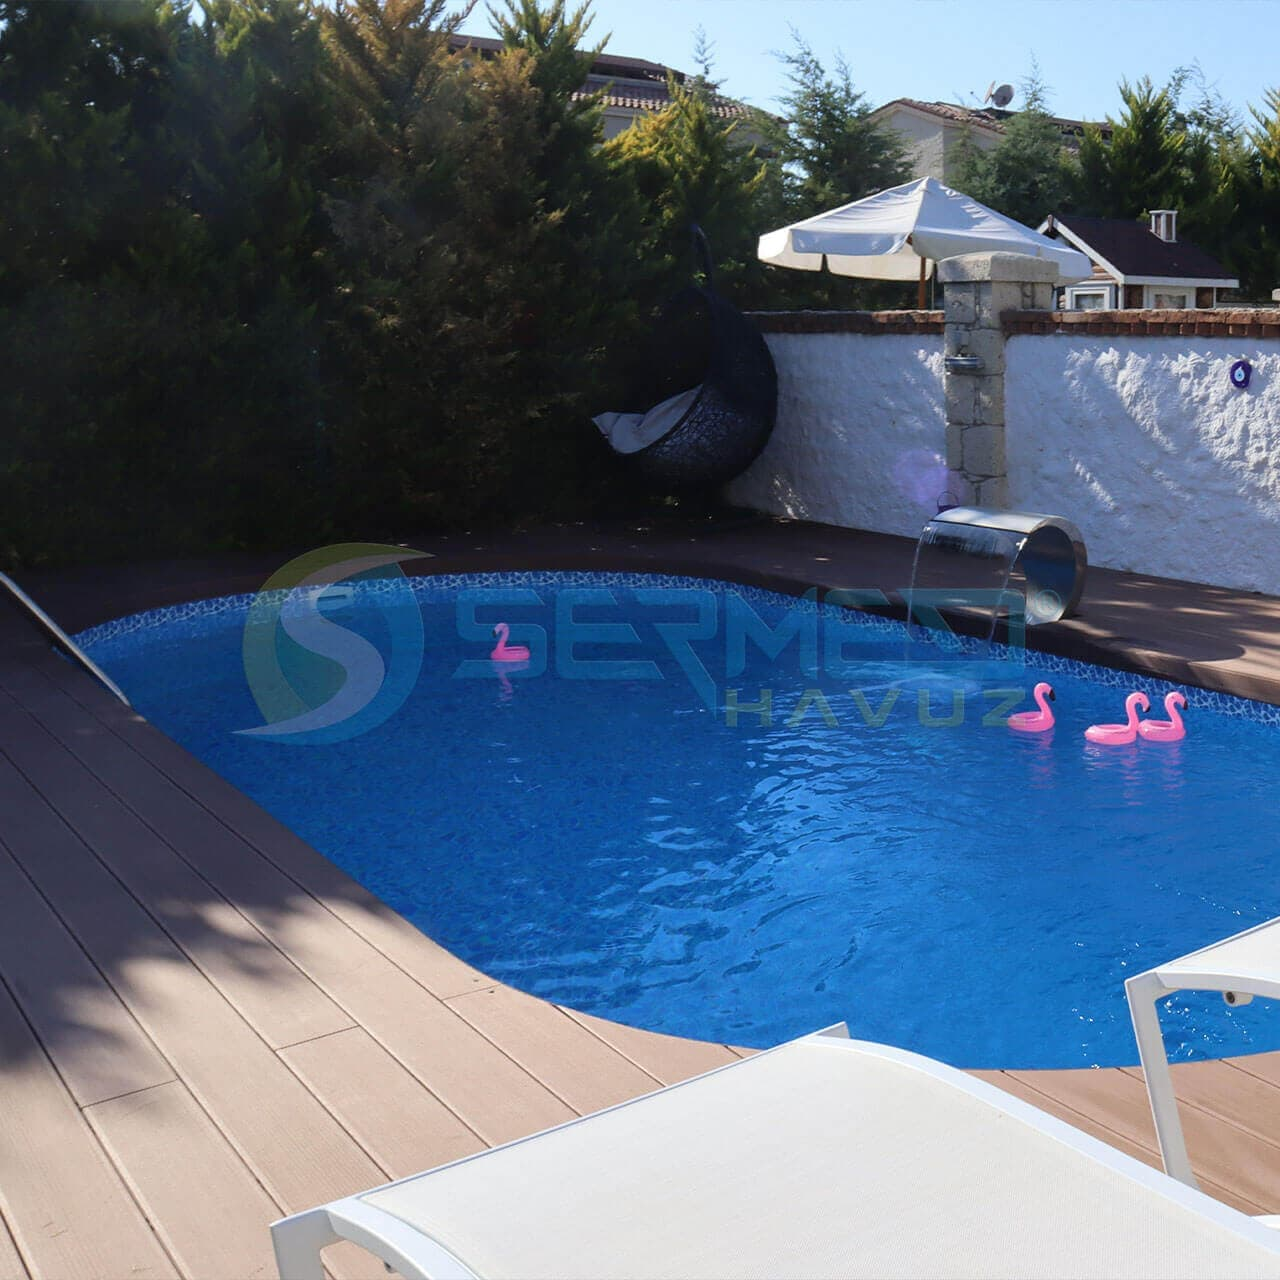 İzmir'de Onur Bey'e Maldiv Zeminüstü Prefabrik Havuz Sermed Havuz Firması tarafından yapıldı.